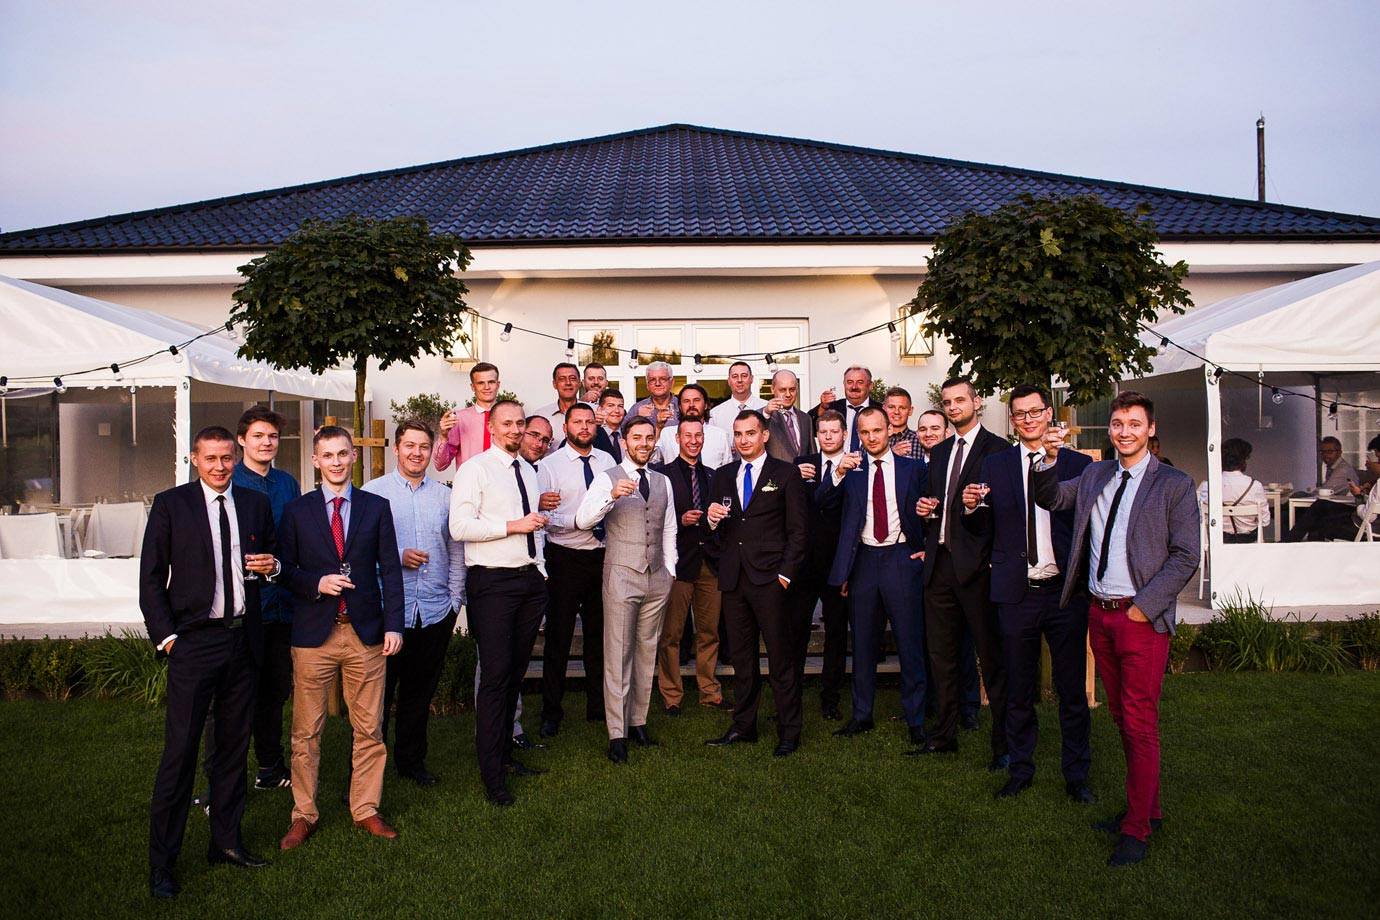 sesja z kolegami na weselu